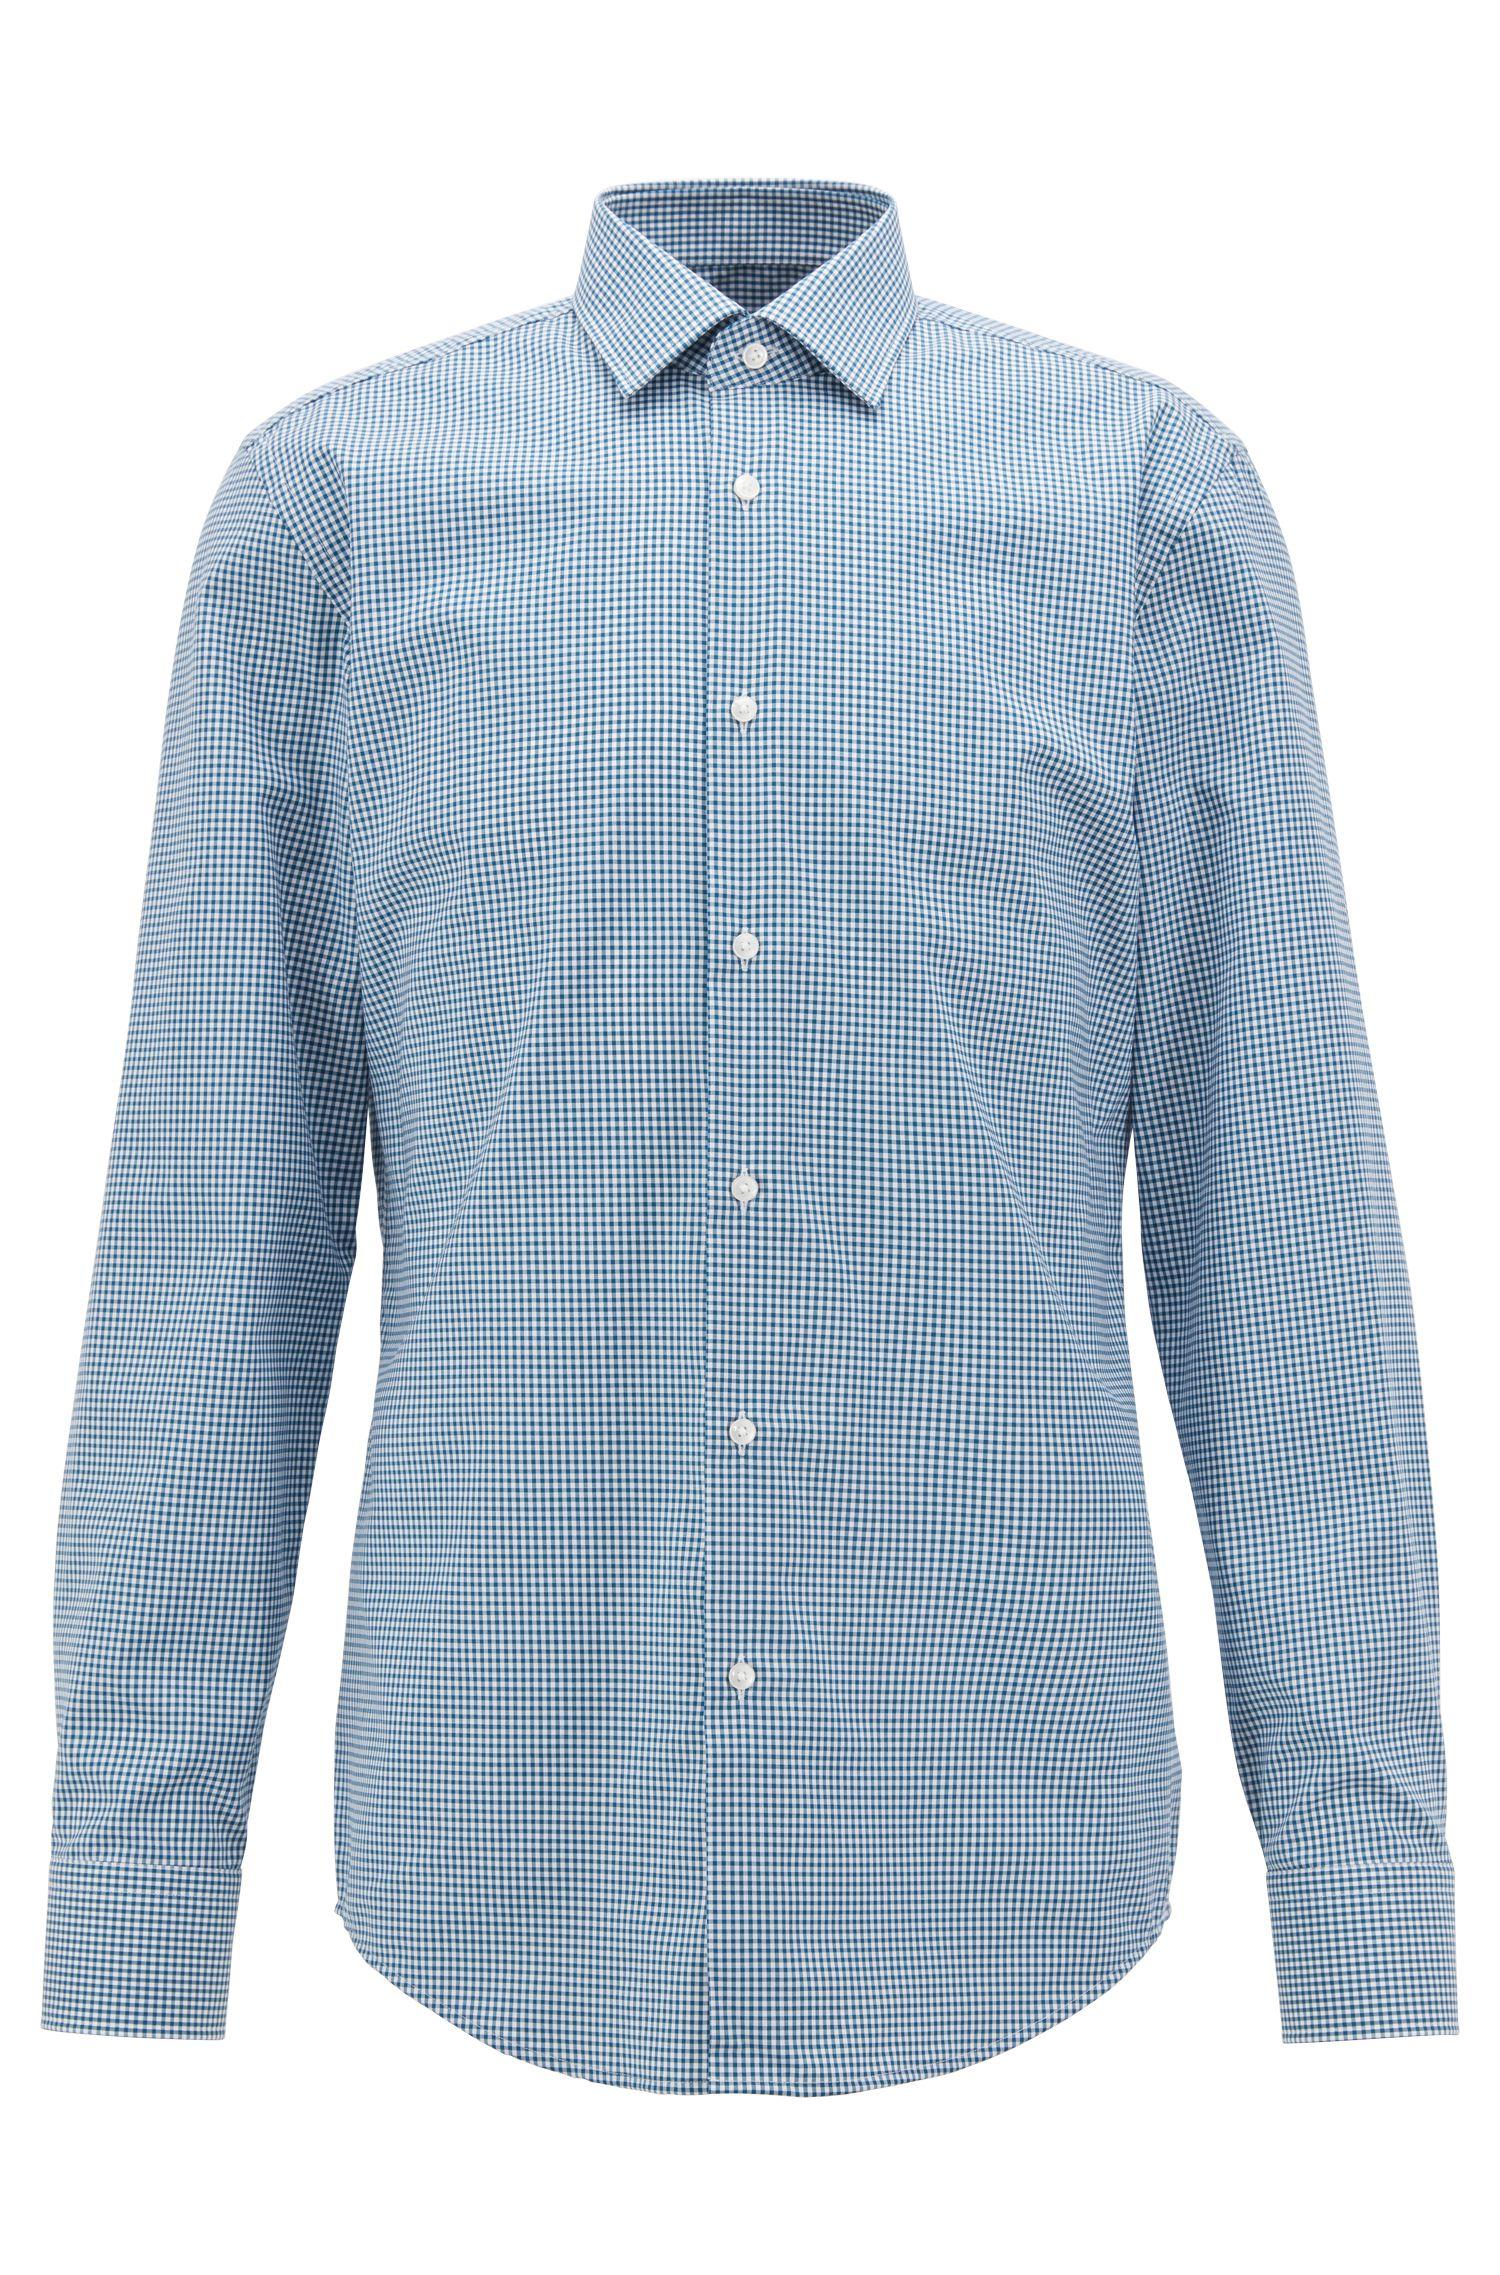 Kariertes Slim-Fit Hemd aus bügelleichter Baumwolle, Türkis